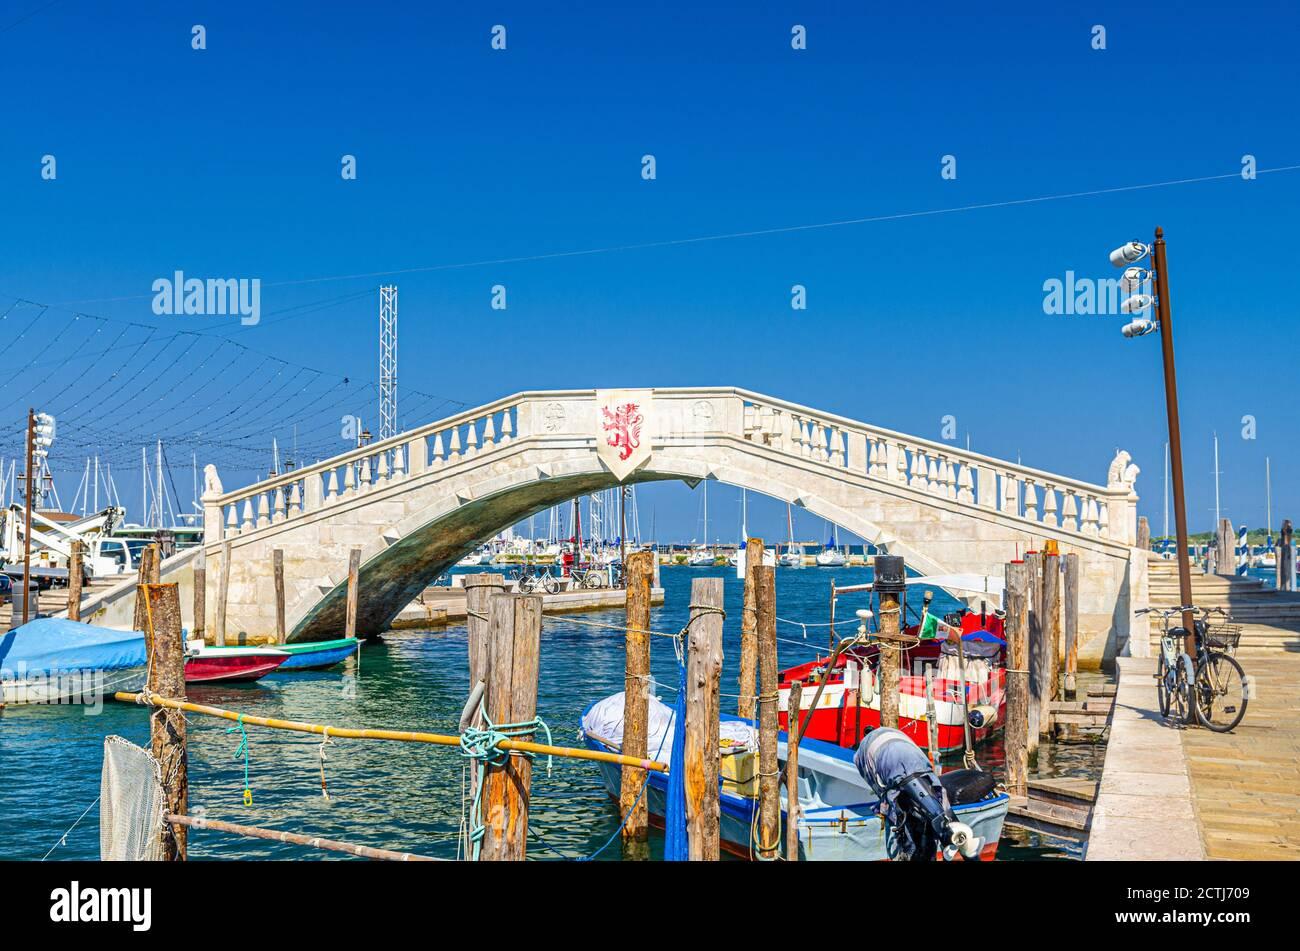 Pont en pierre Ponte di Vigo à travers le canal d'eau de Vena avec des bateaux colorés près de quai dans le centre historique de la ville de Chioggia, ciel bleu en arrière-plan en été, région de Vénétie, nord de l'Italie Banque D'Images